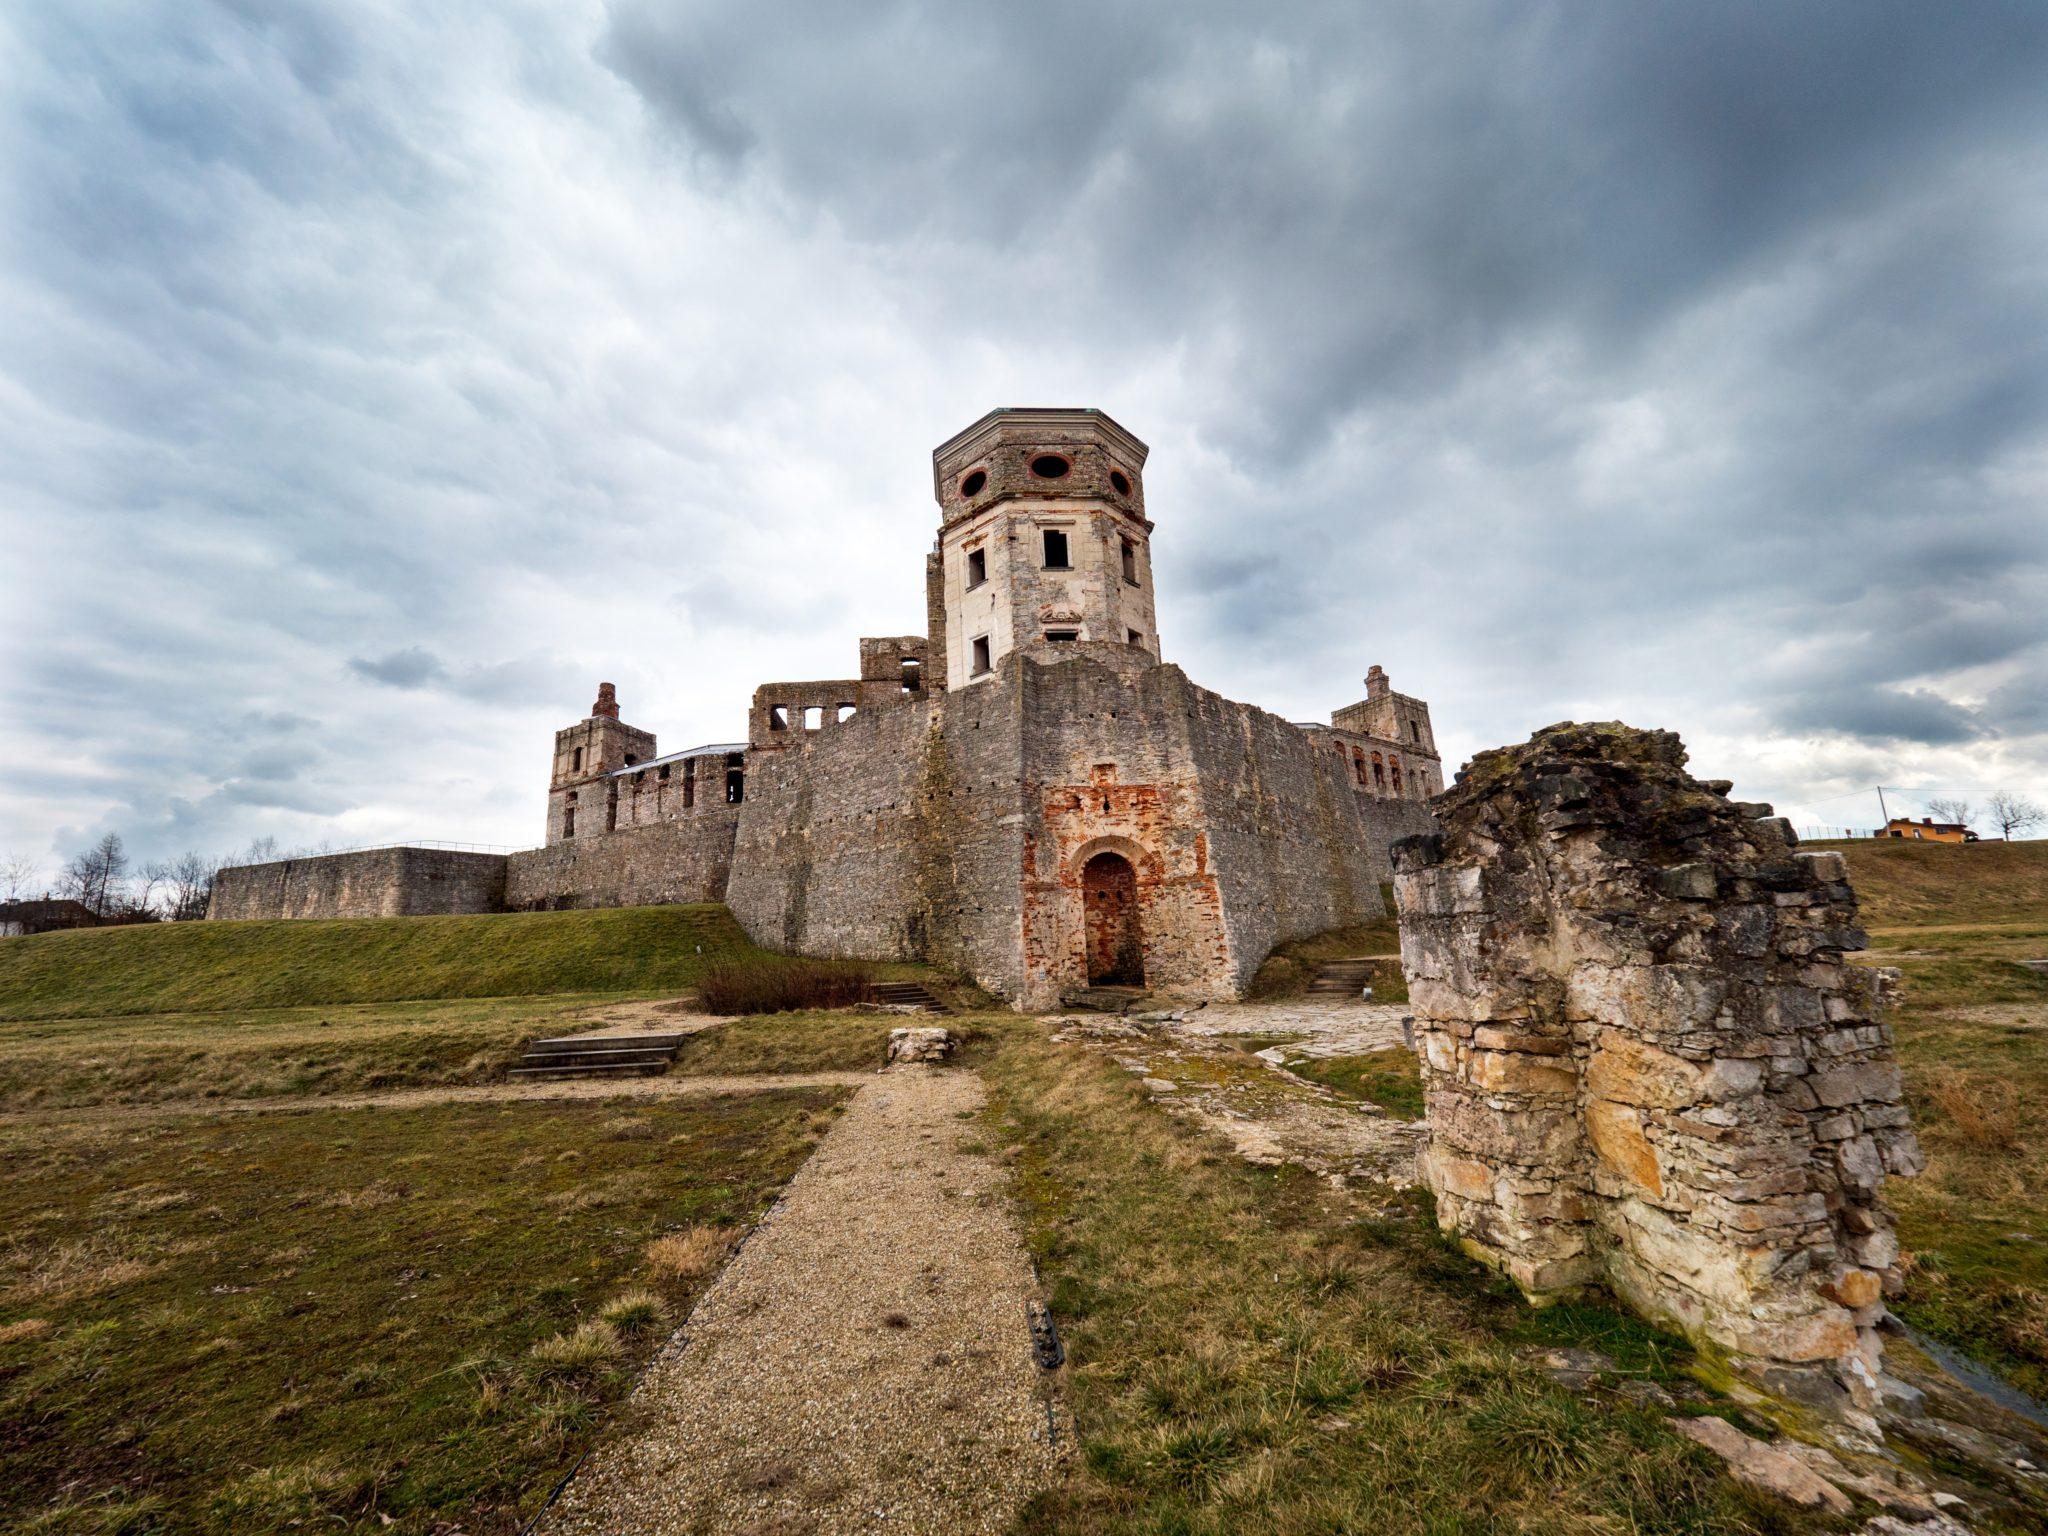 Malownicze ruiny zamku Krzyżtopór jednego z wiekszych zamków w Europie